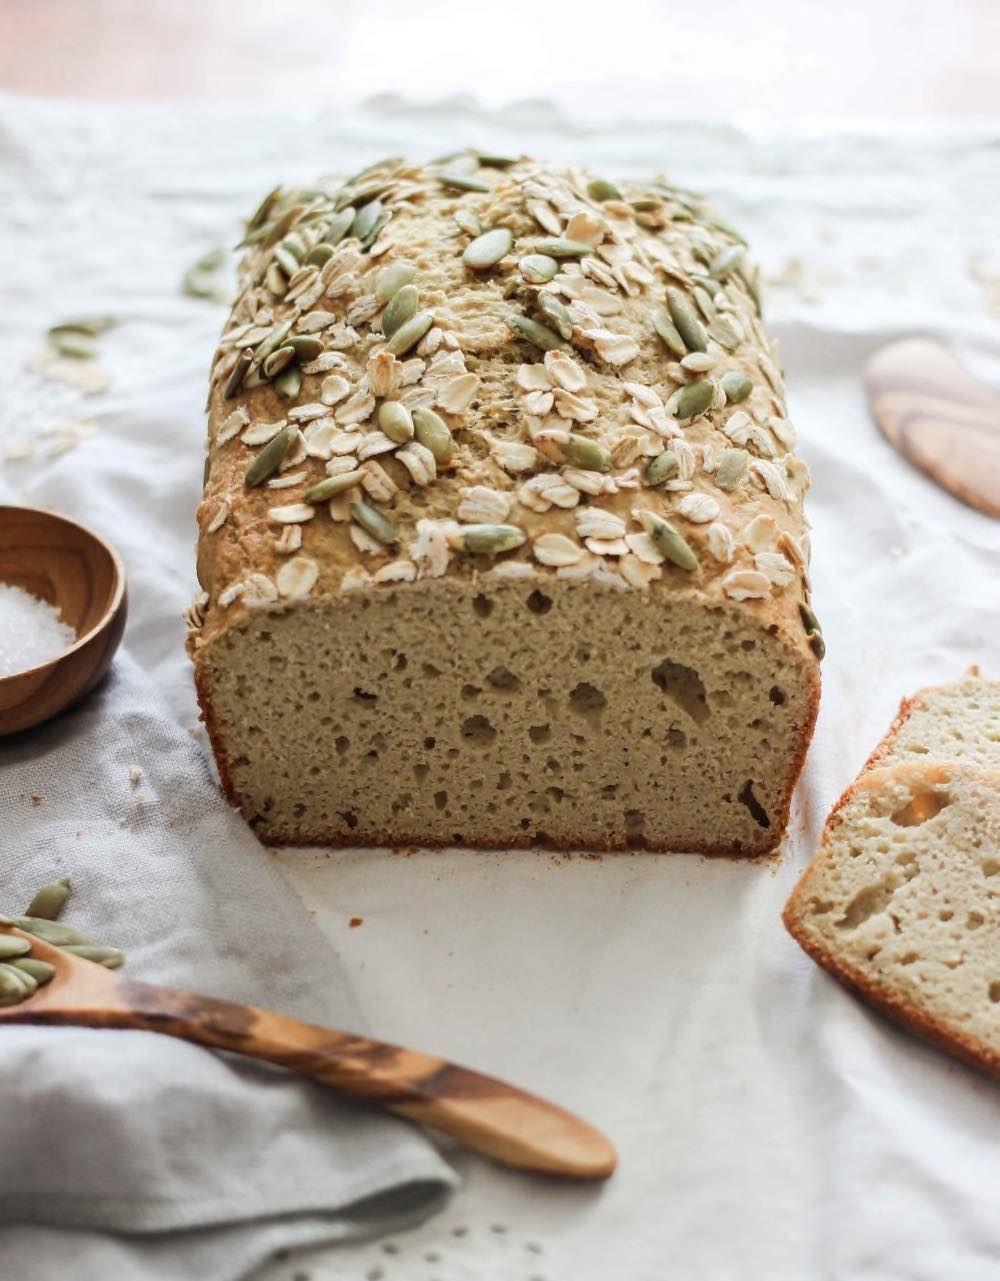 The Best Whole Grain Gluten Free Bread Gluten Free Cheesecake Gluten Free Bread Gluten Free Recipes Bread